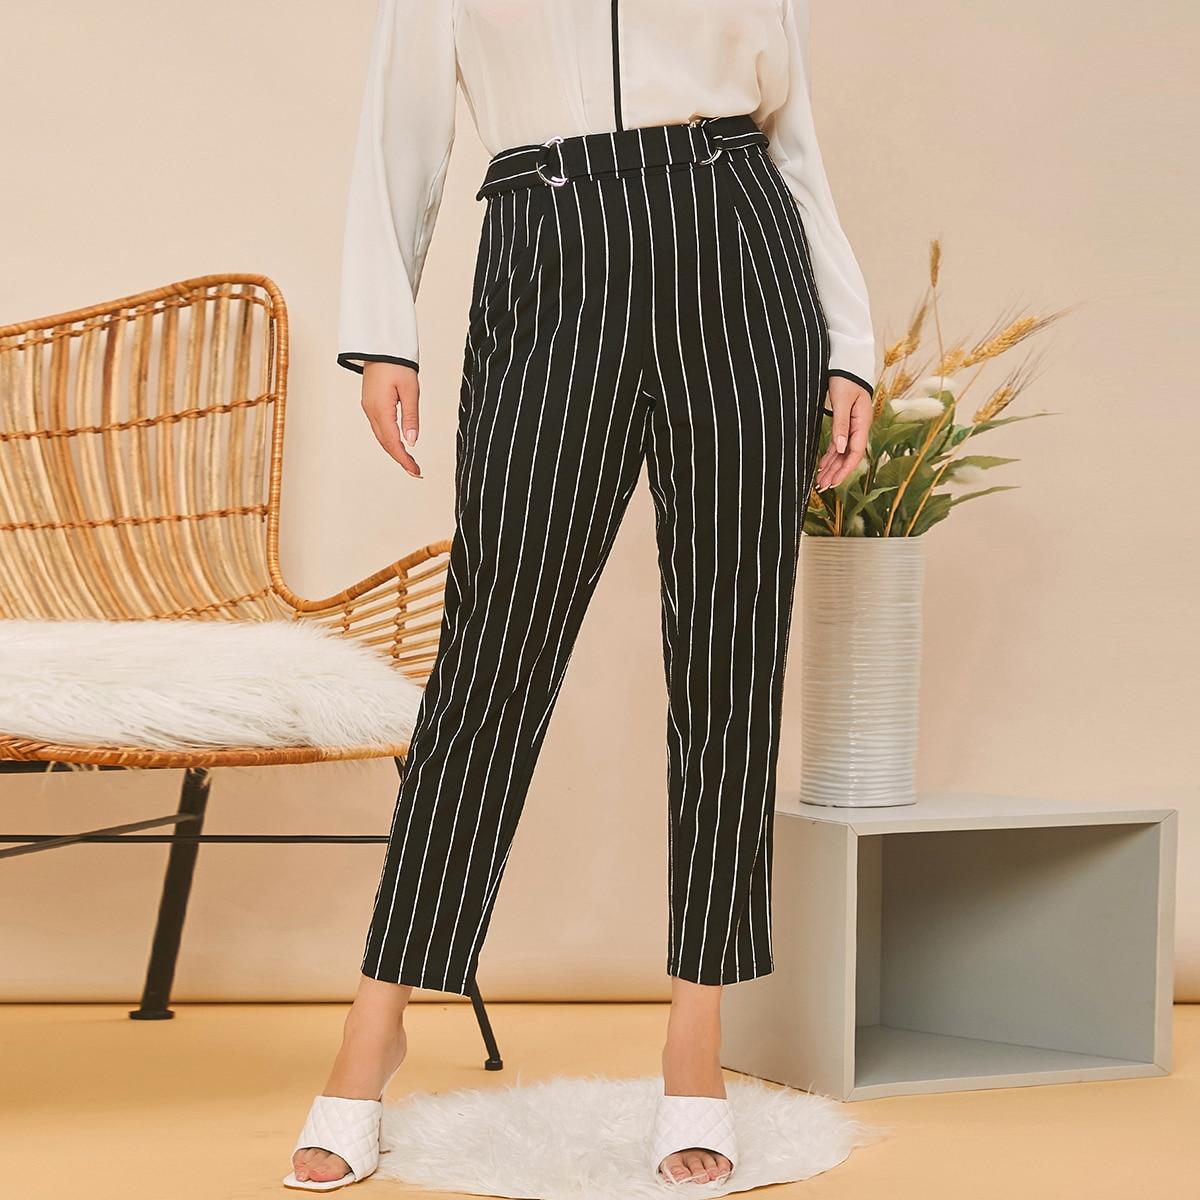 SHEIN / Pantalones cortos con cinturón de rayas